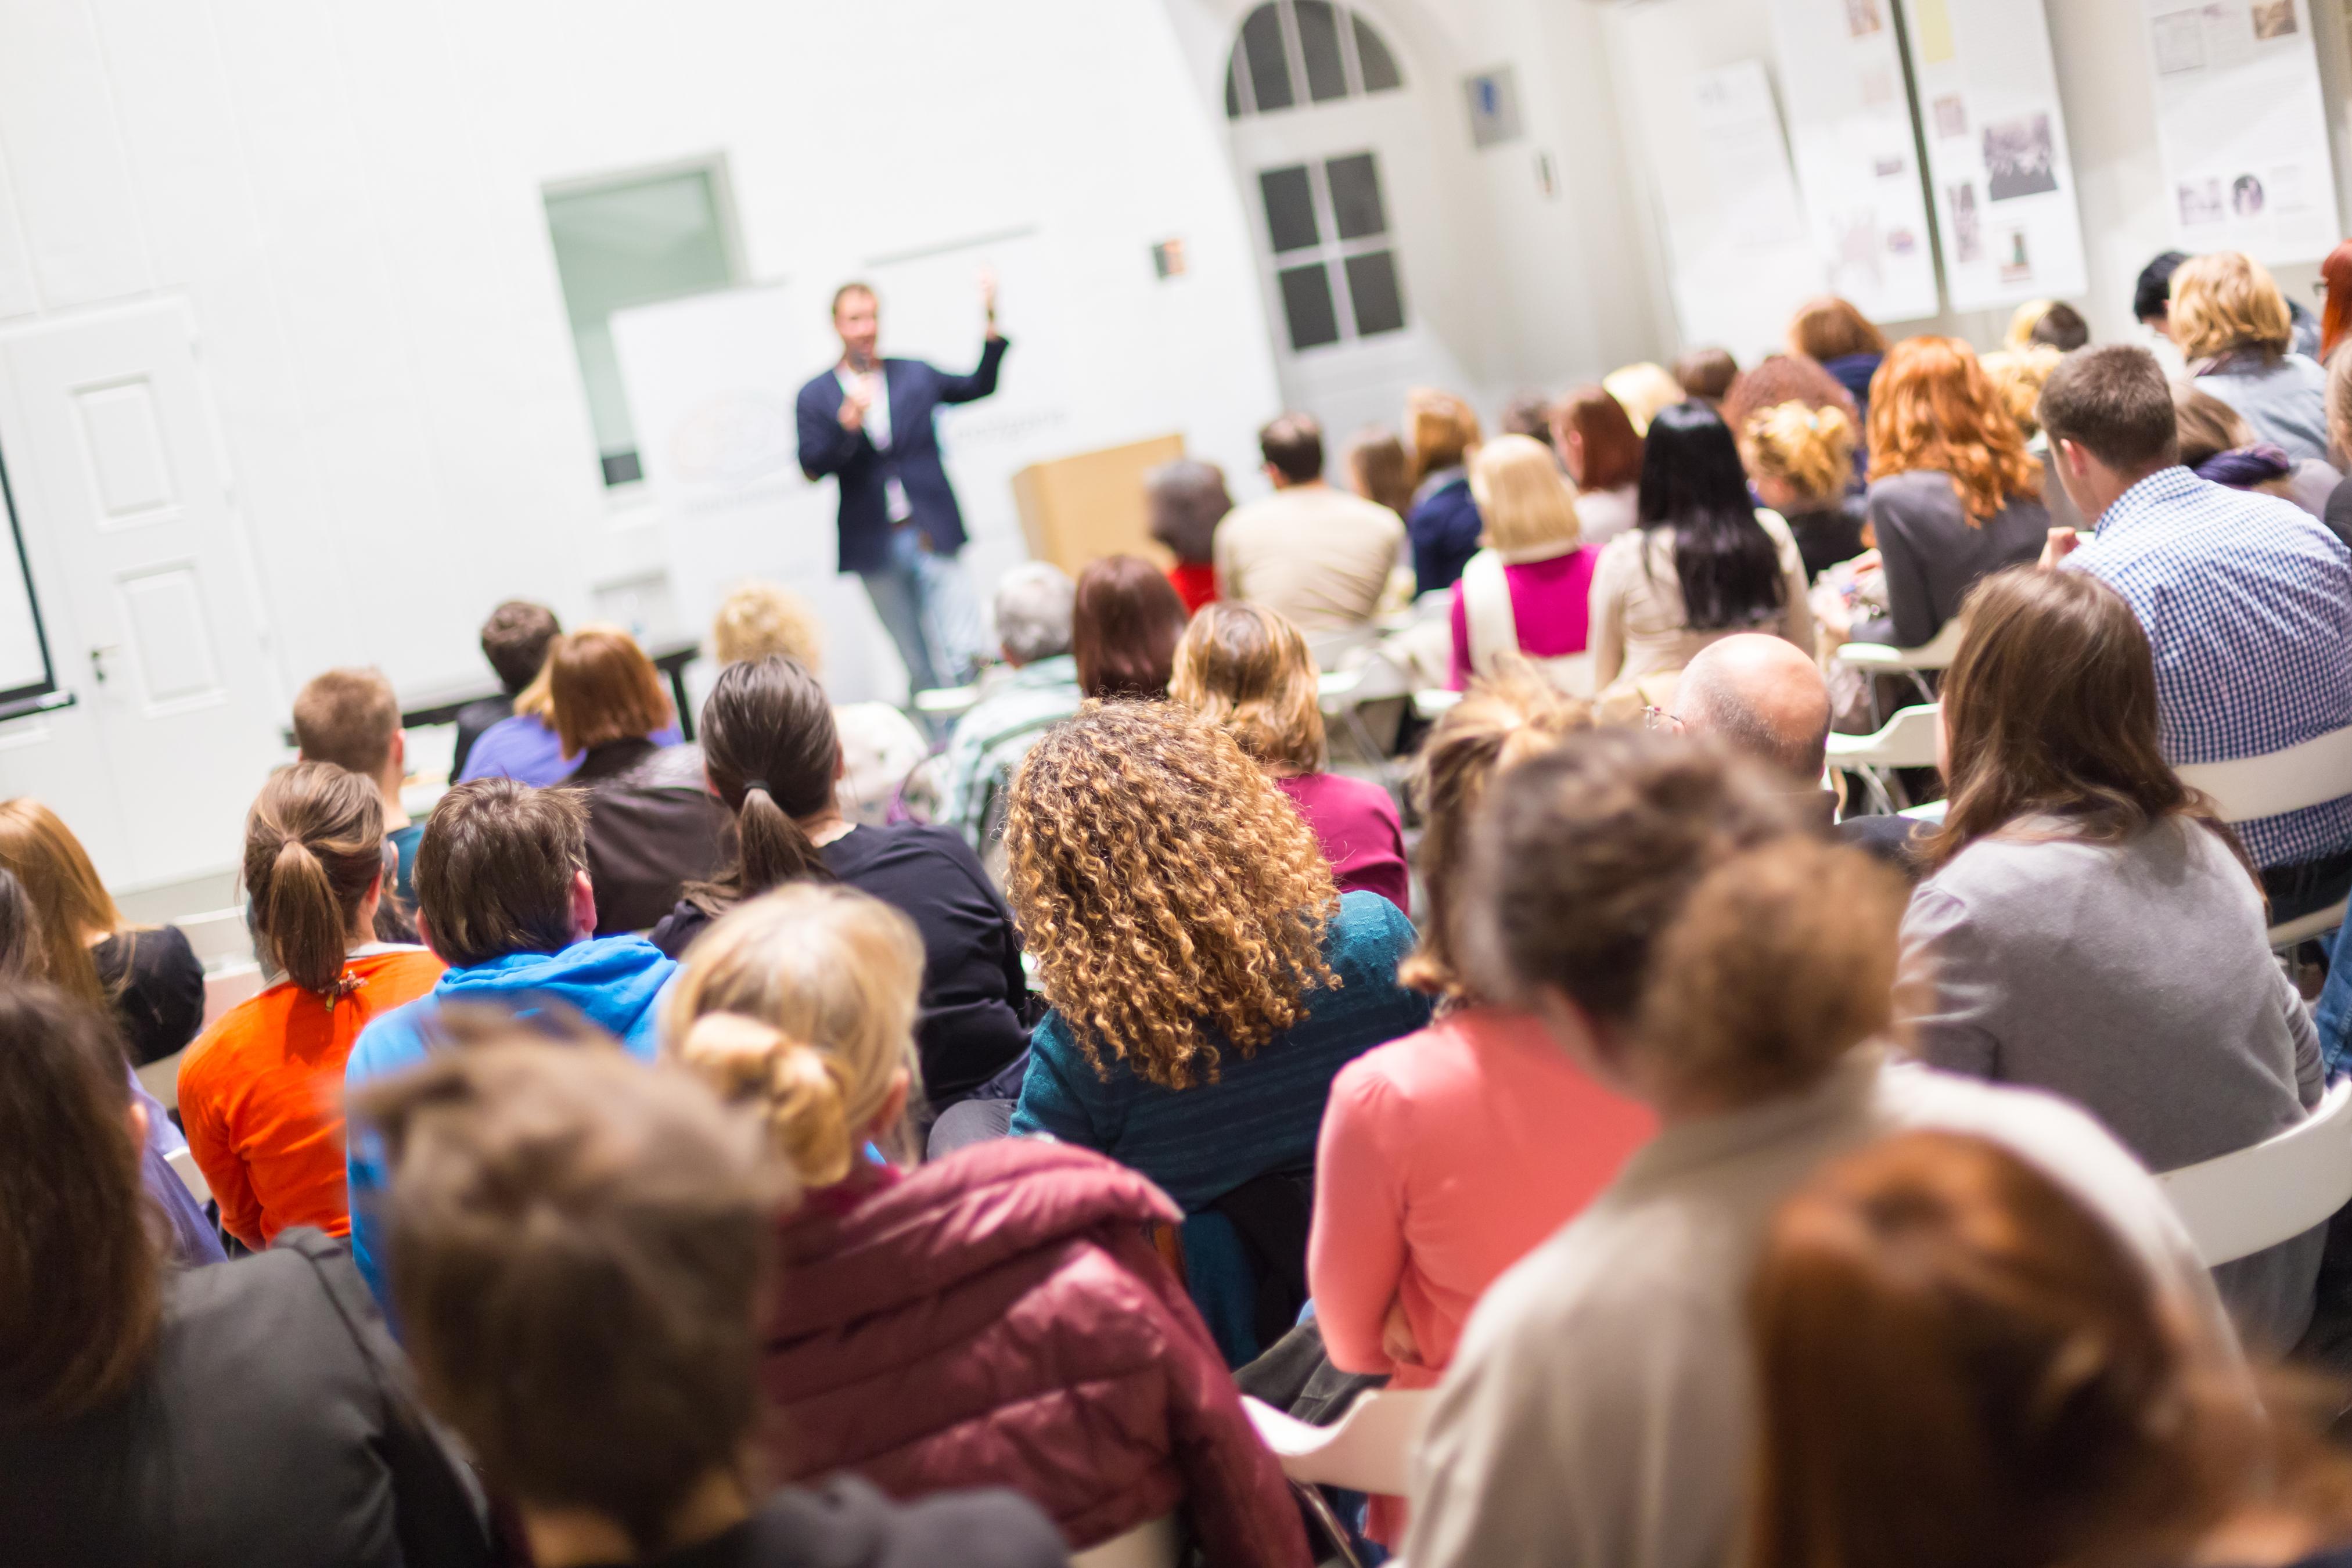 Как развивать онлайн-бизнес, расскажут на бесплатных семинарах в Вологде